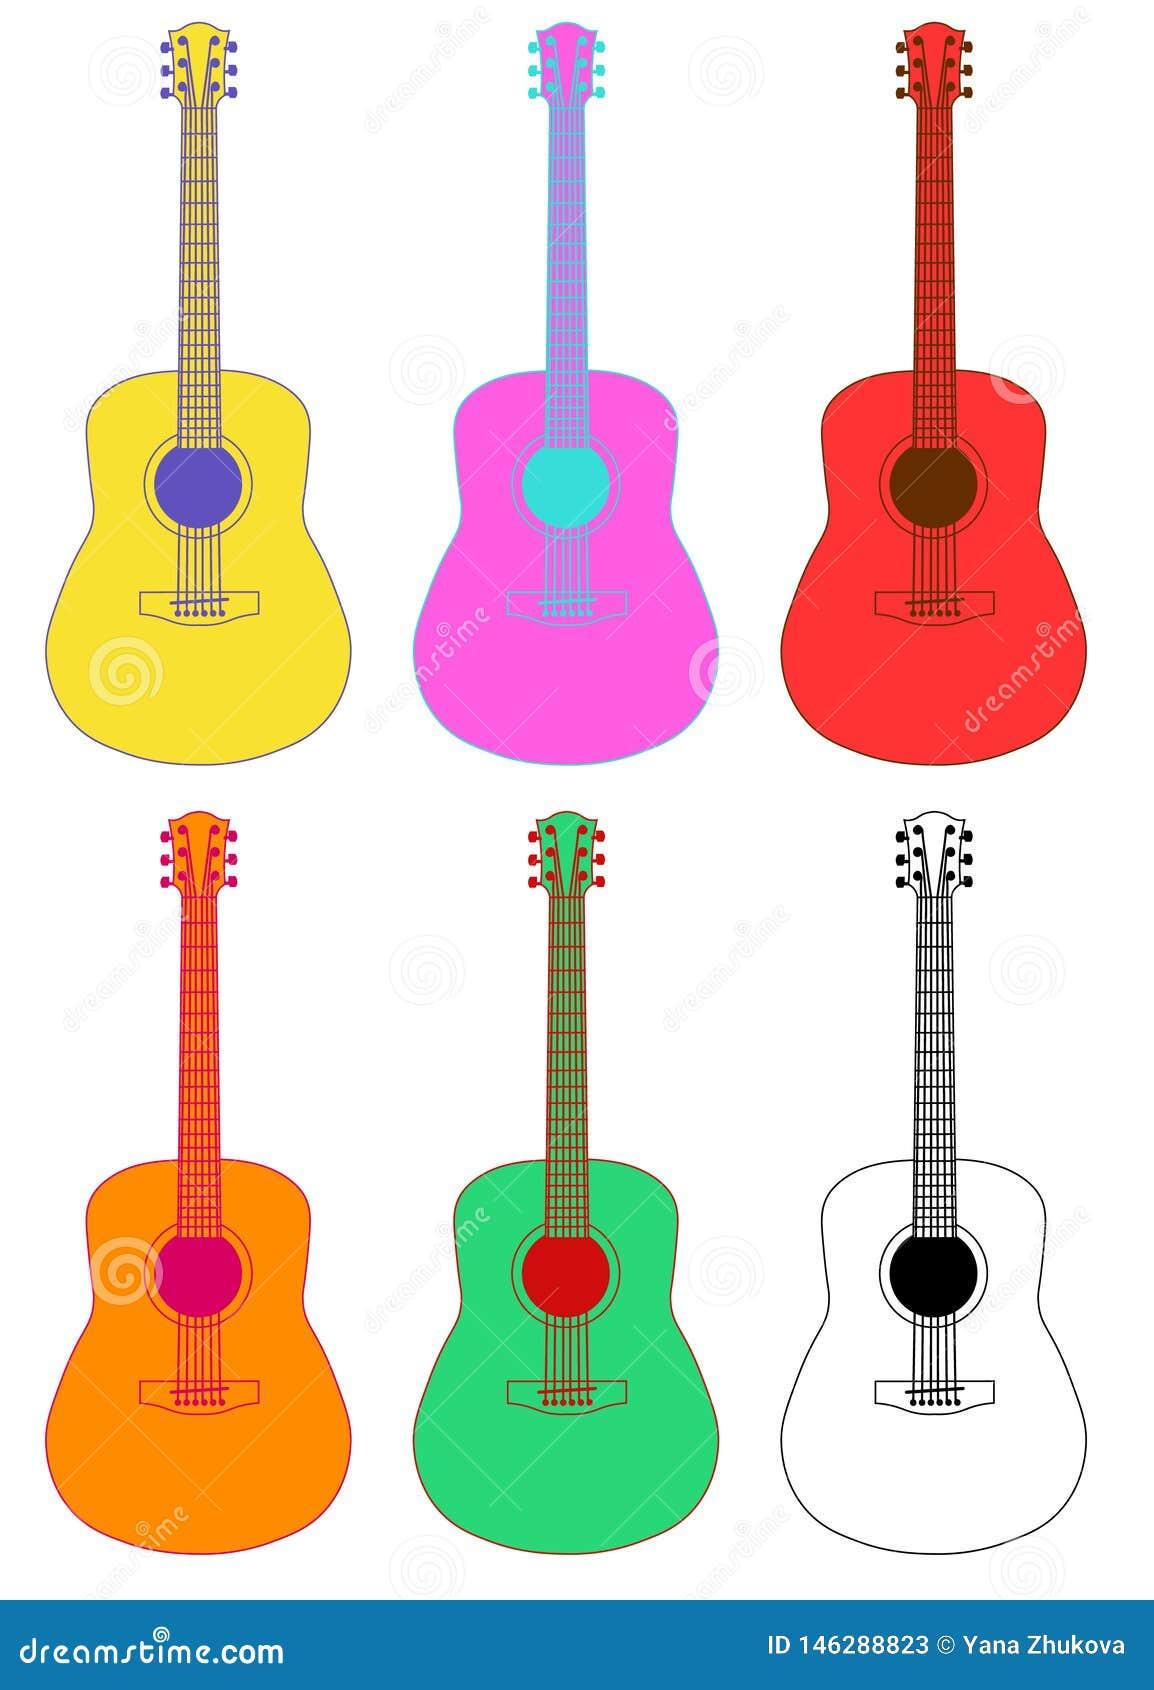 Guitarra do instrumento musical colorida no plano branco da música de fundo